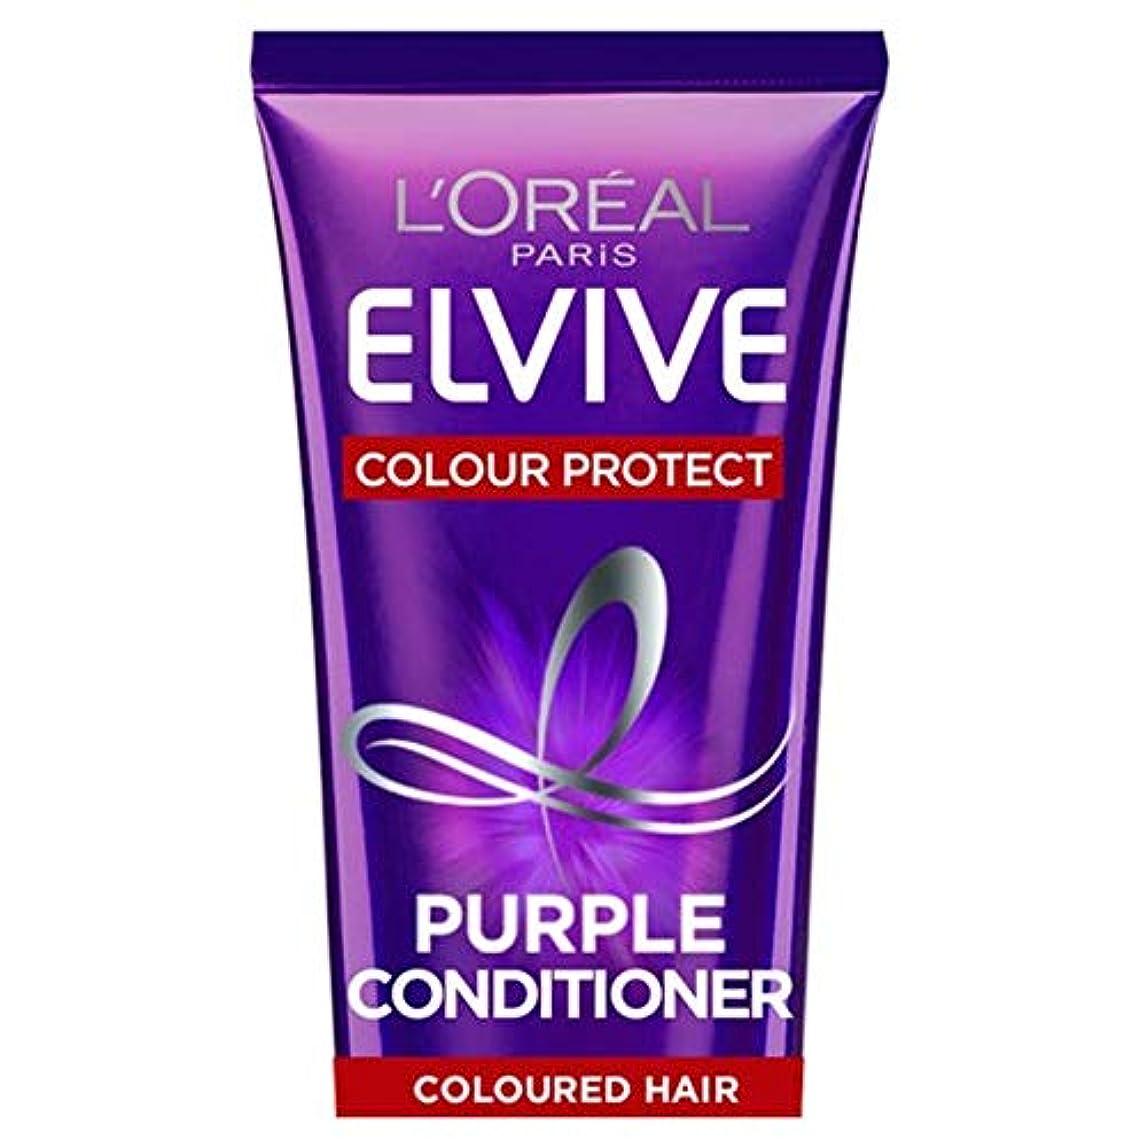 溶接つかまえる比較[Elvive] ロレアルElvive色は紫コンディショナー150ミリリットルを保護します - L'oreal Elvive Colour Protect Purple Conditioner 150Ml [並行輸入品]